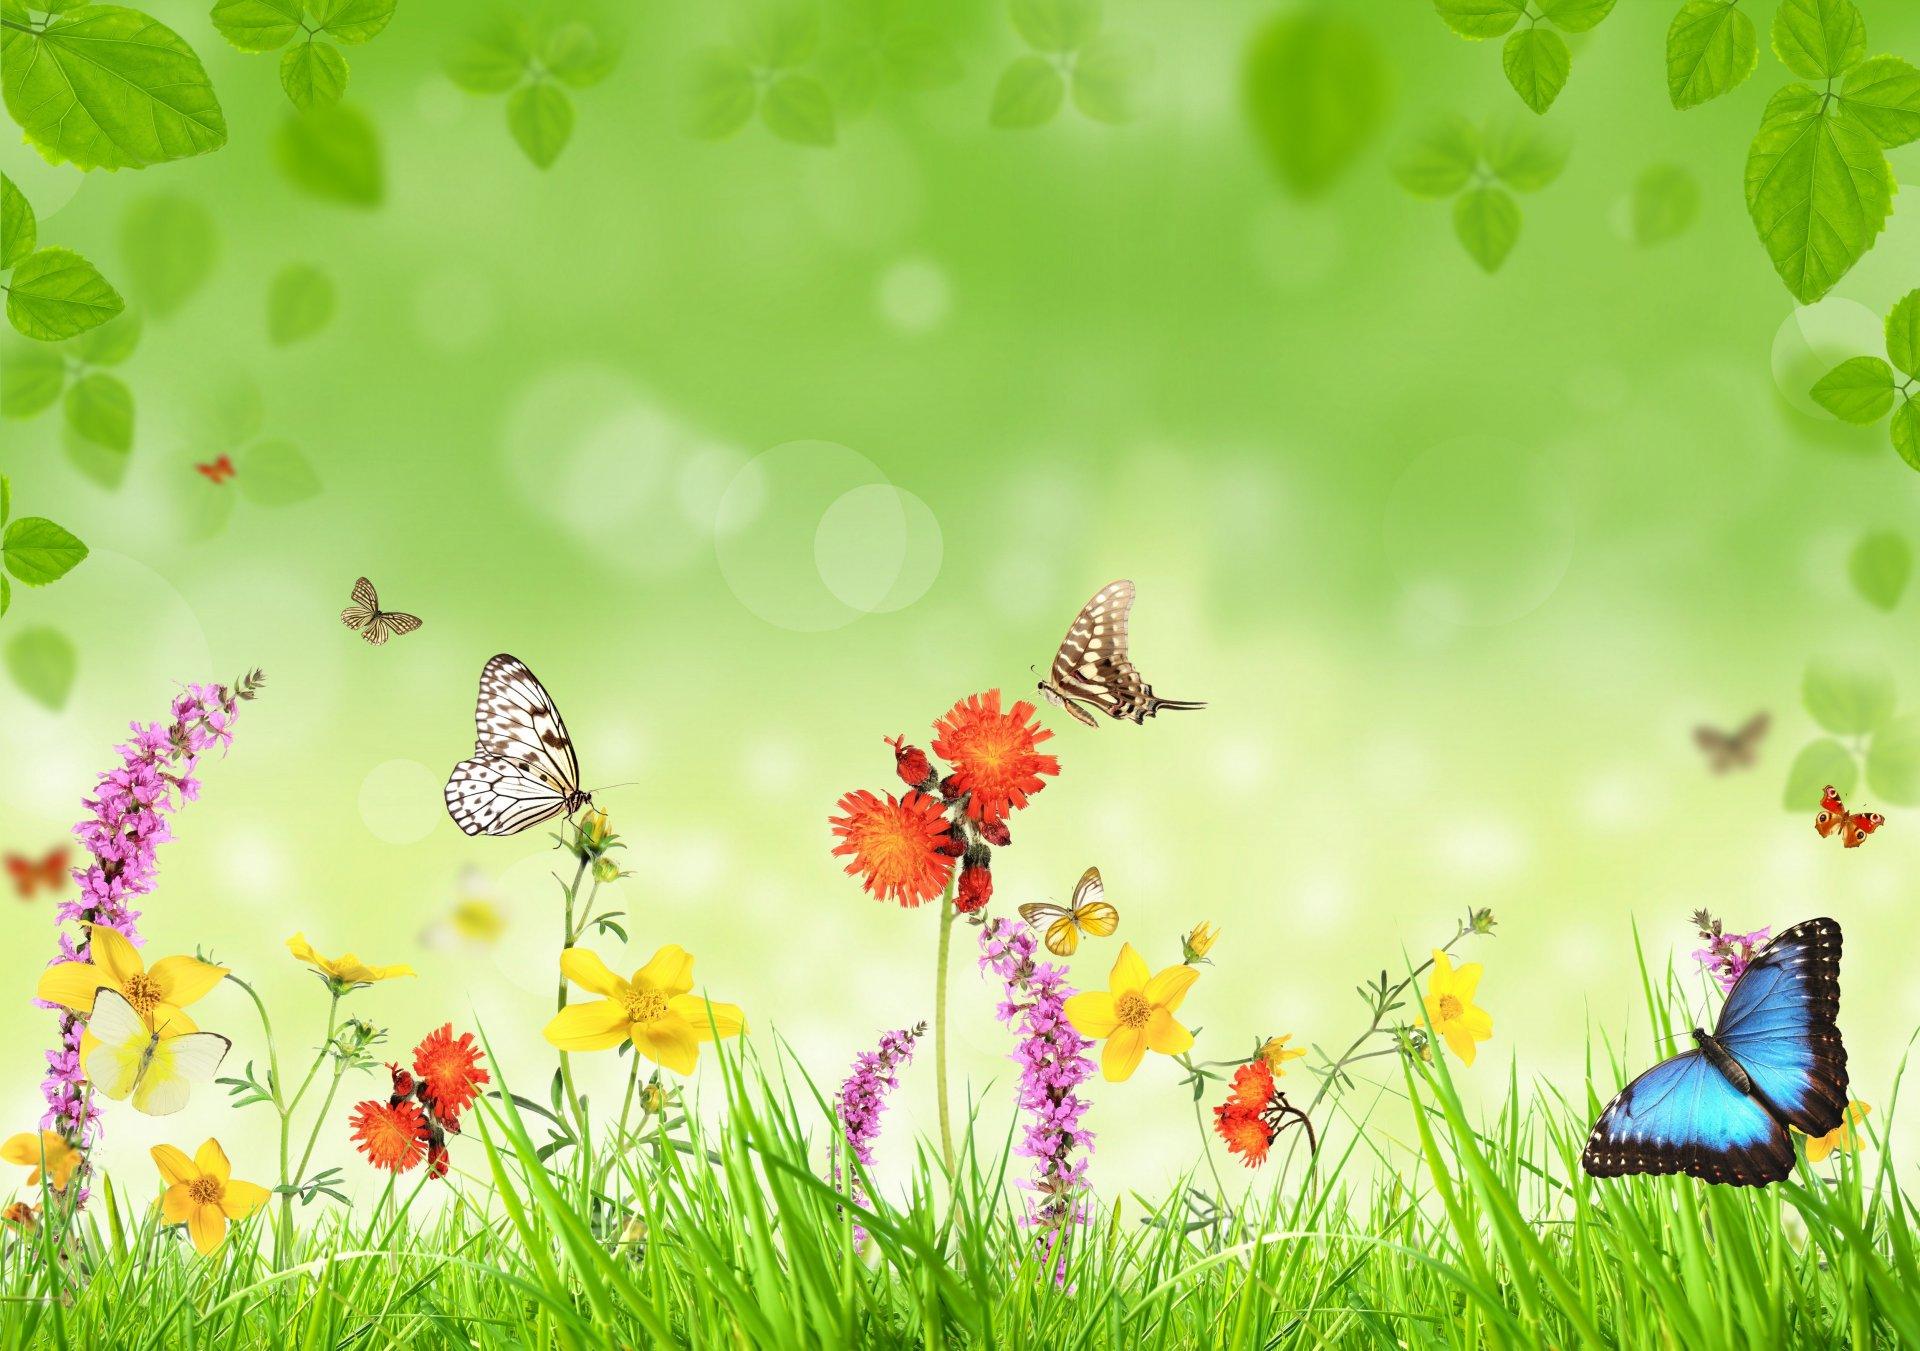 Картинки о лете с природой с бабочки рисованные